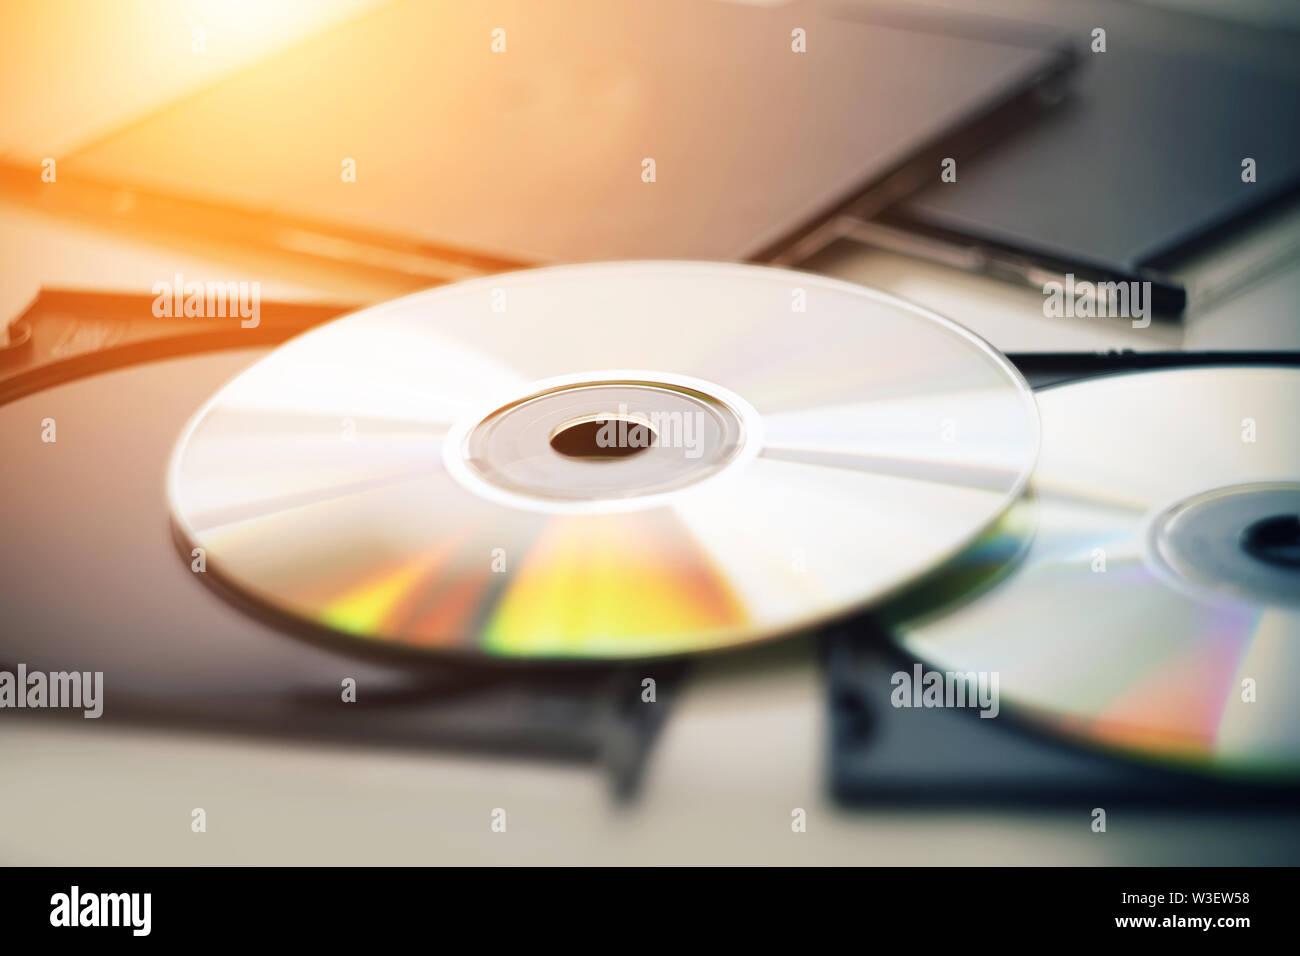 Dos nuevos discos compactos se encuentran junto a las cajas negras de los discos, y está iluminado por la luz del sol, desde el cual los discos brillan en diferentes col Foto de stock